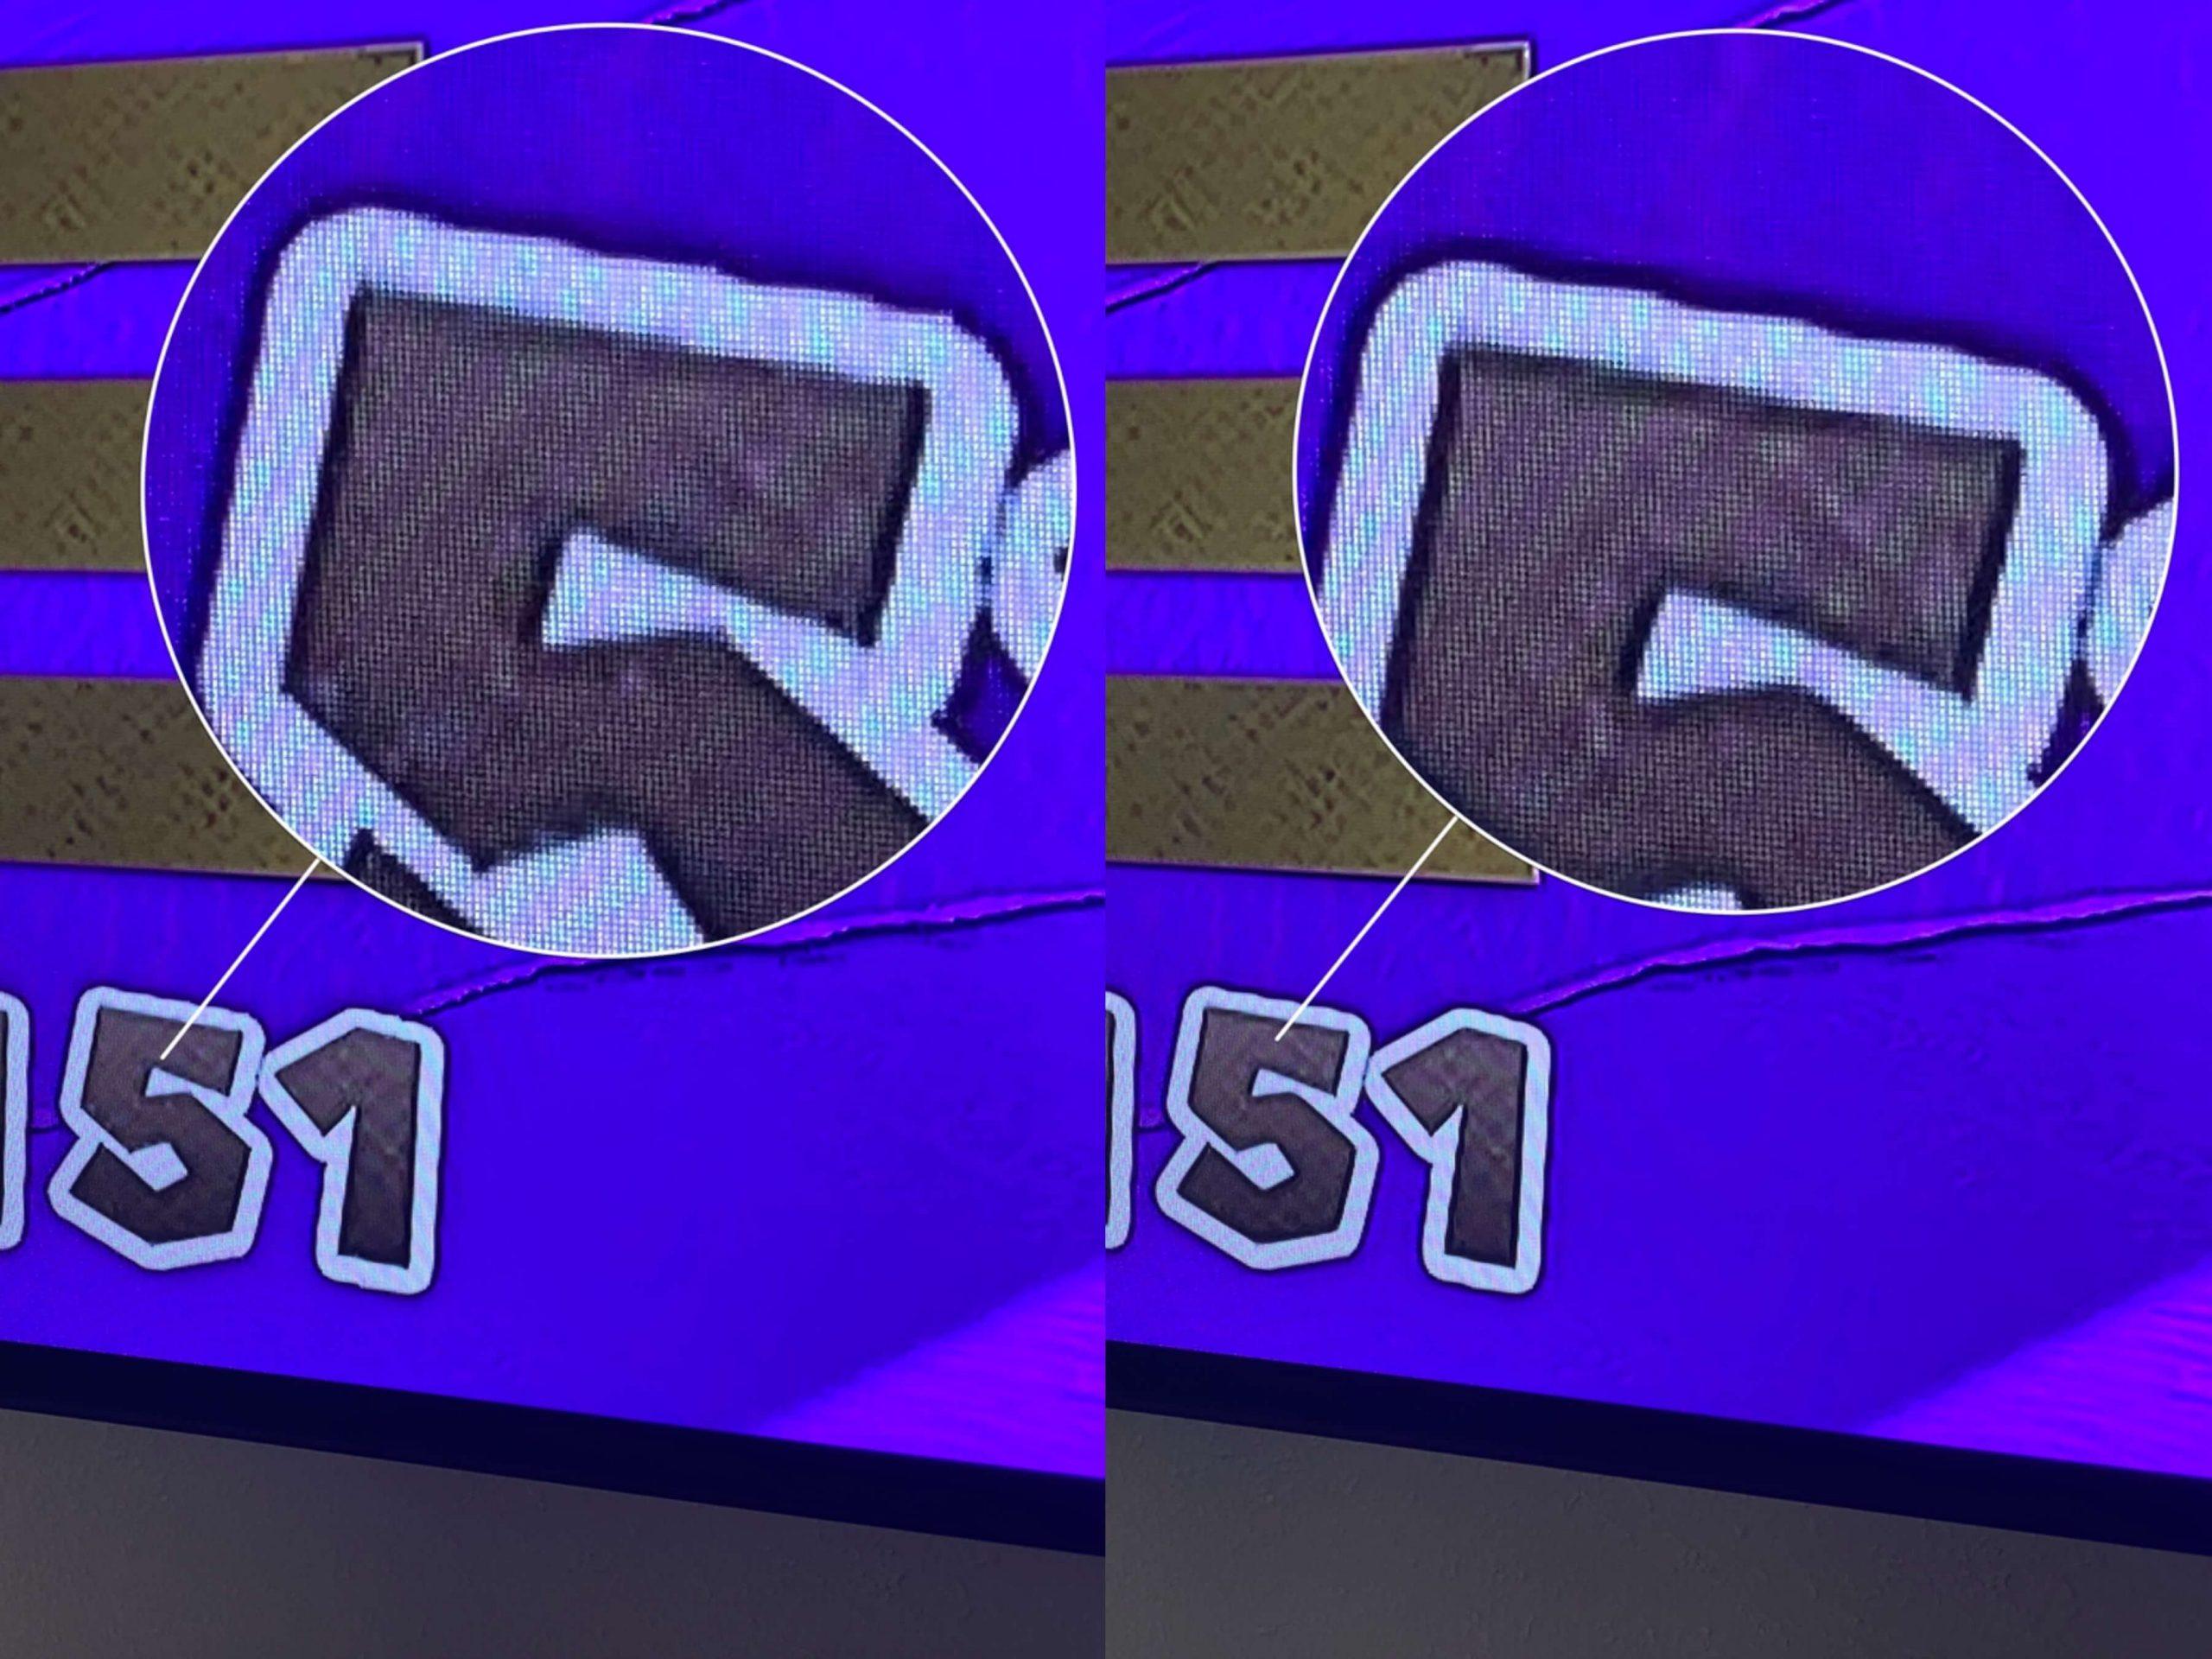 mClassic-HDMI-Upscaler-von-Marseille-mit-der-Nintendo-Switch-in-1440p-zocken1-scaled mClassic von Marseille - mit der Nintendo Switch in 1440p statt 1080p zocken